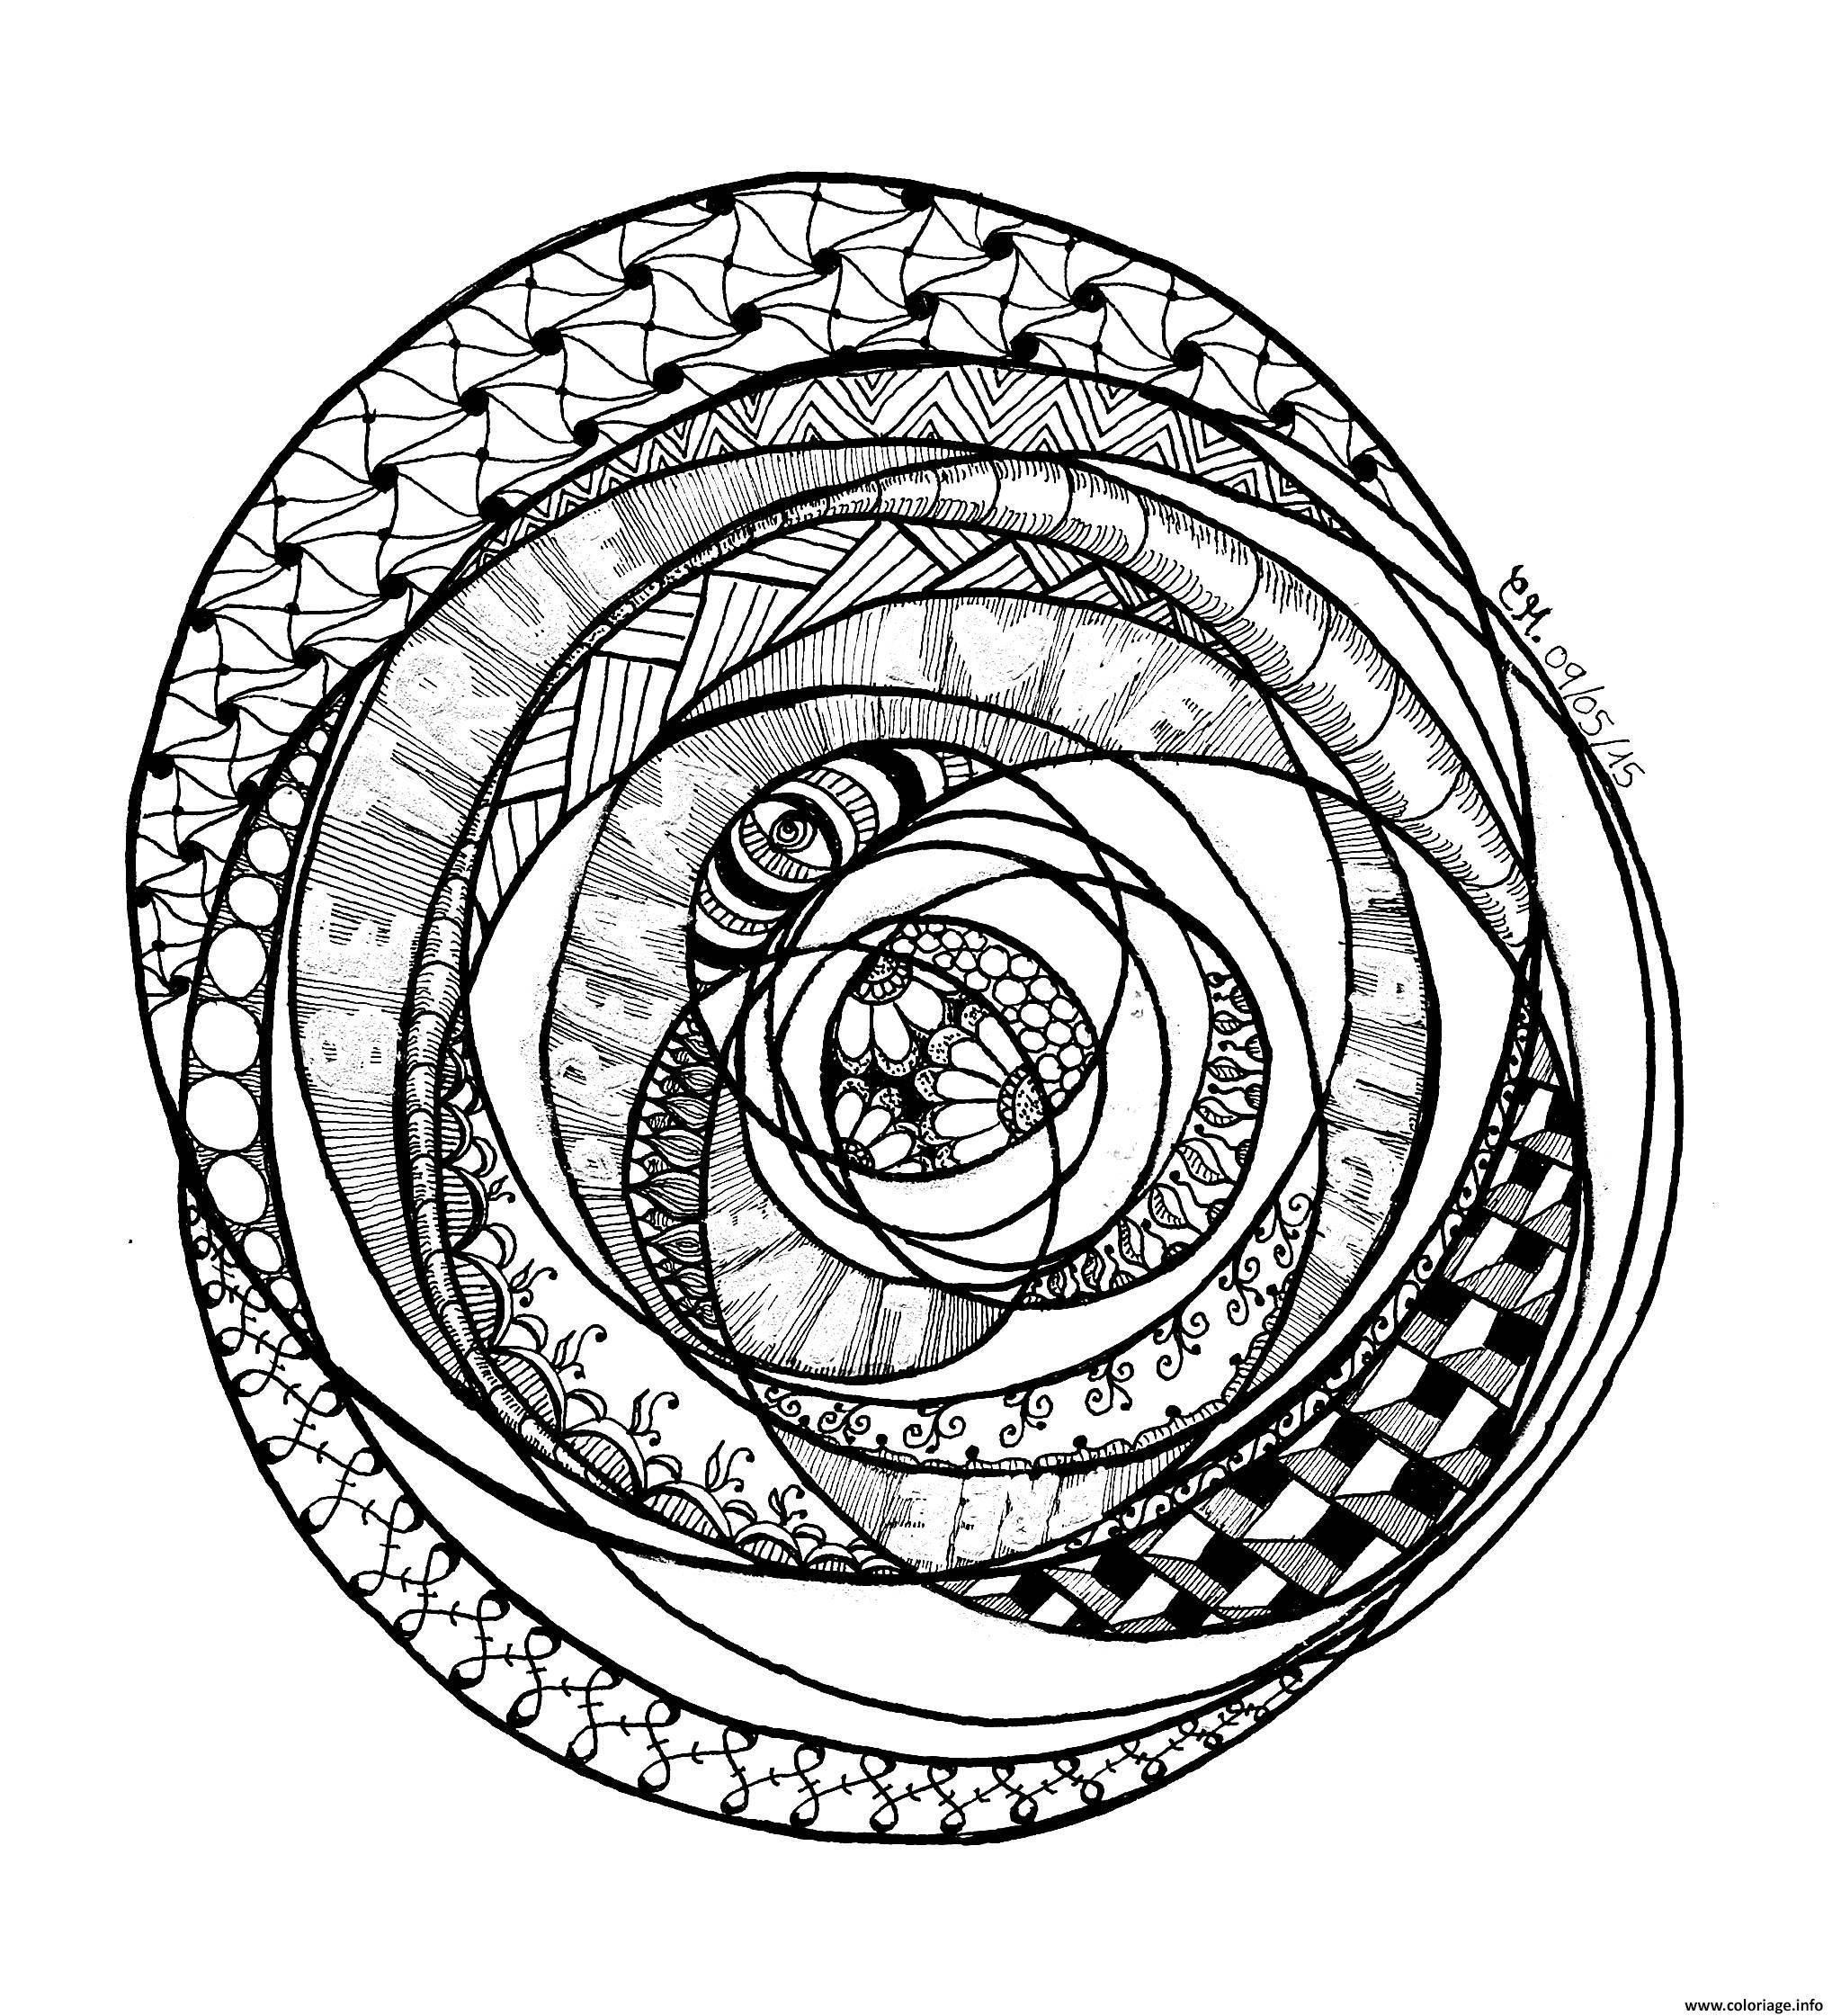 Dessin adulte zentangle by cathym 22 Coloriage Gratuit à Imprimer